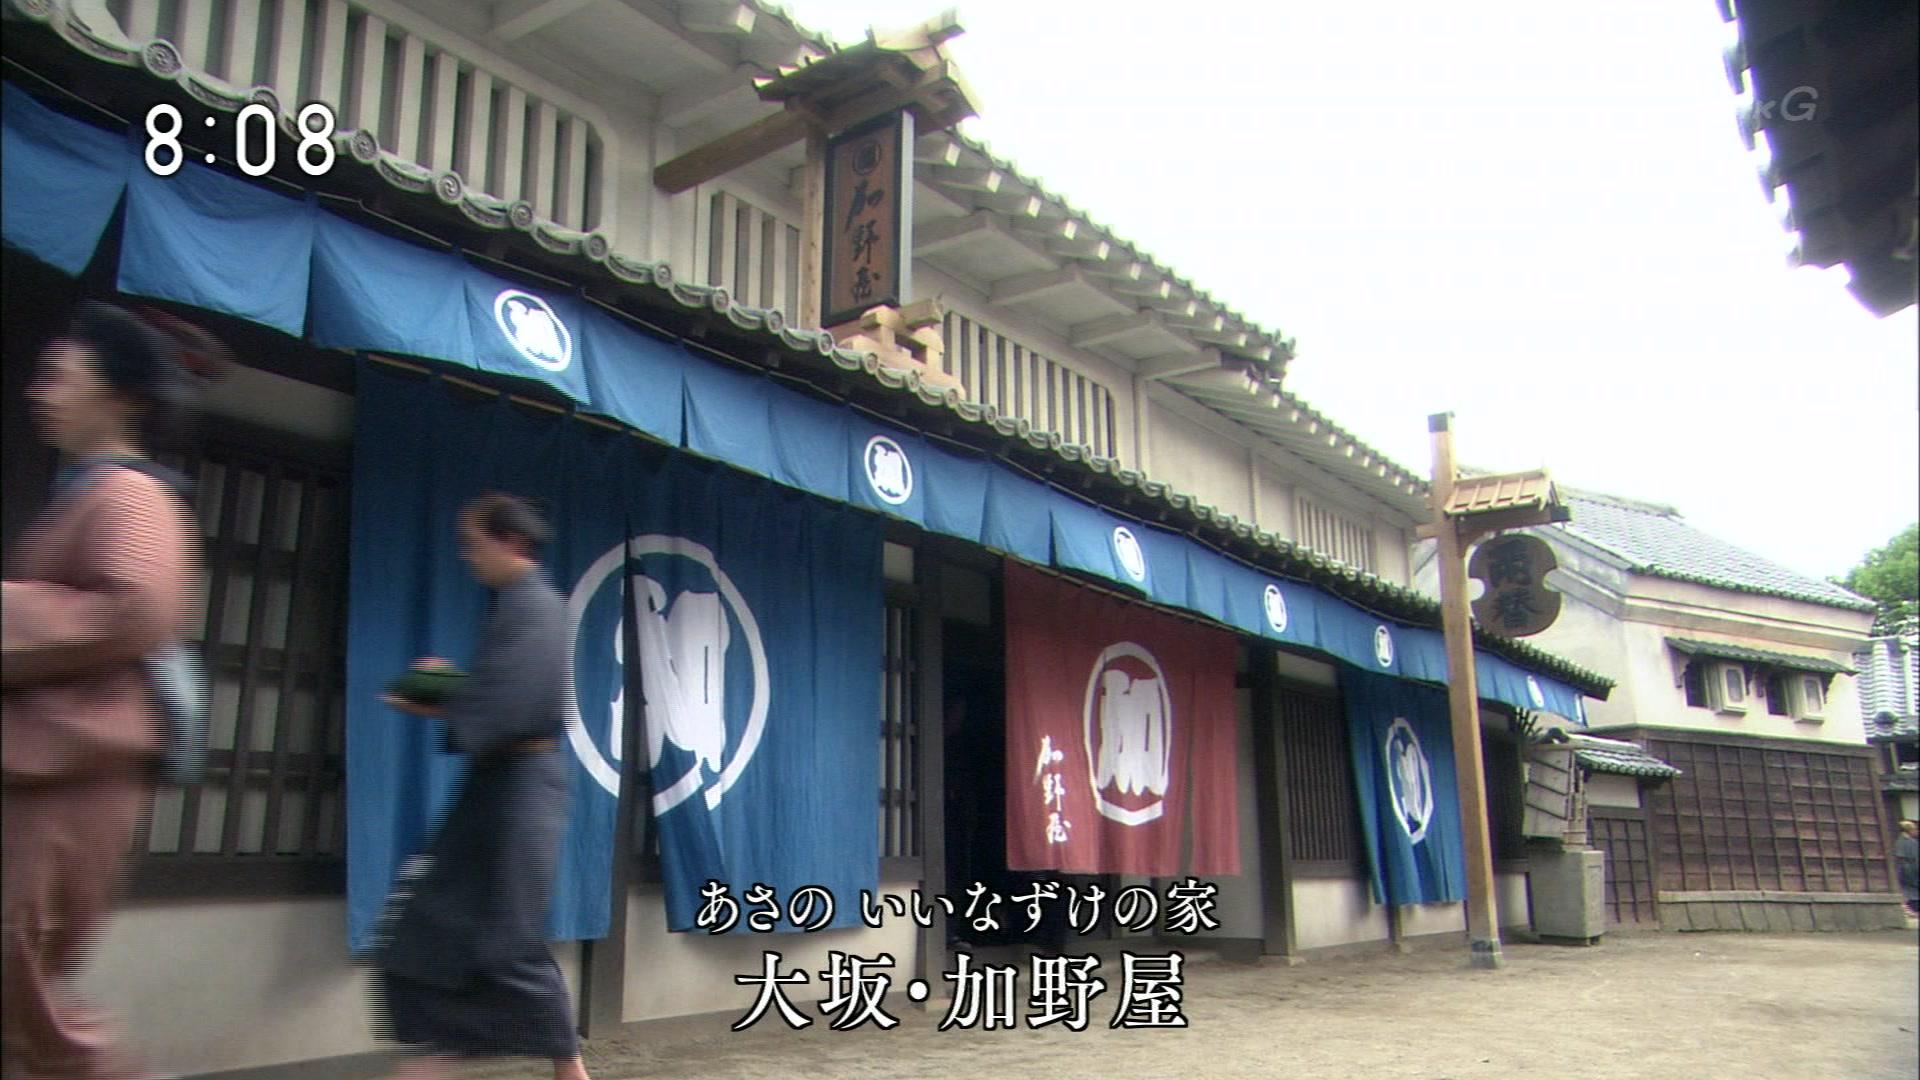 2015-09-28 08:00 連続テレビ小説 あさが来た(1)「小さな許嫁(いいなずけ)」 15147